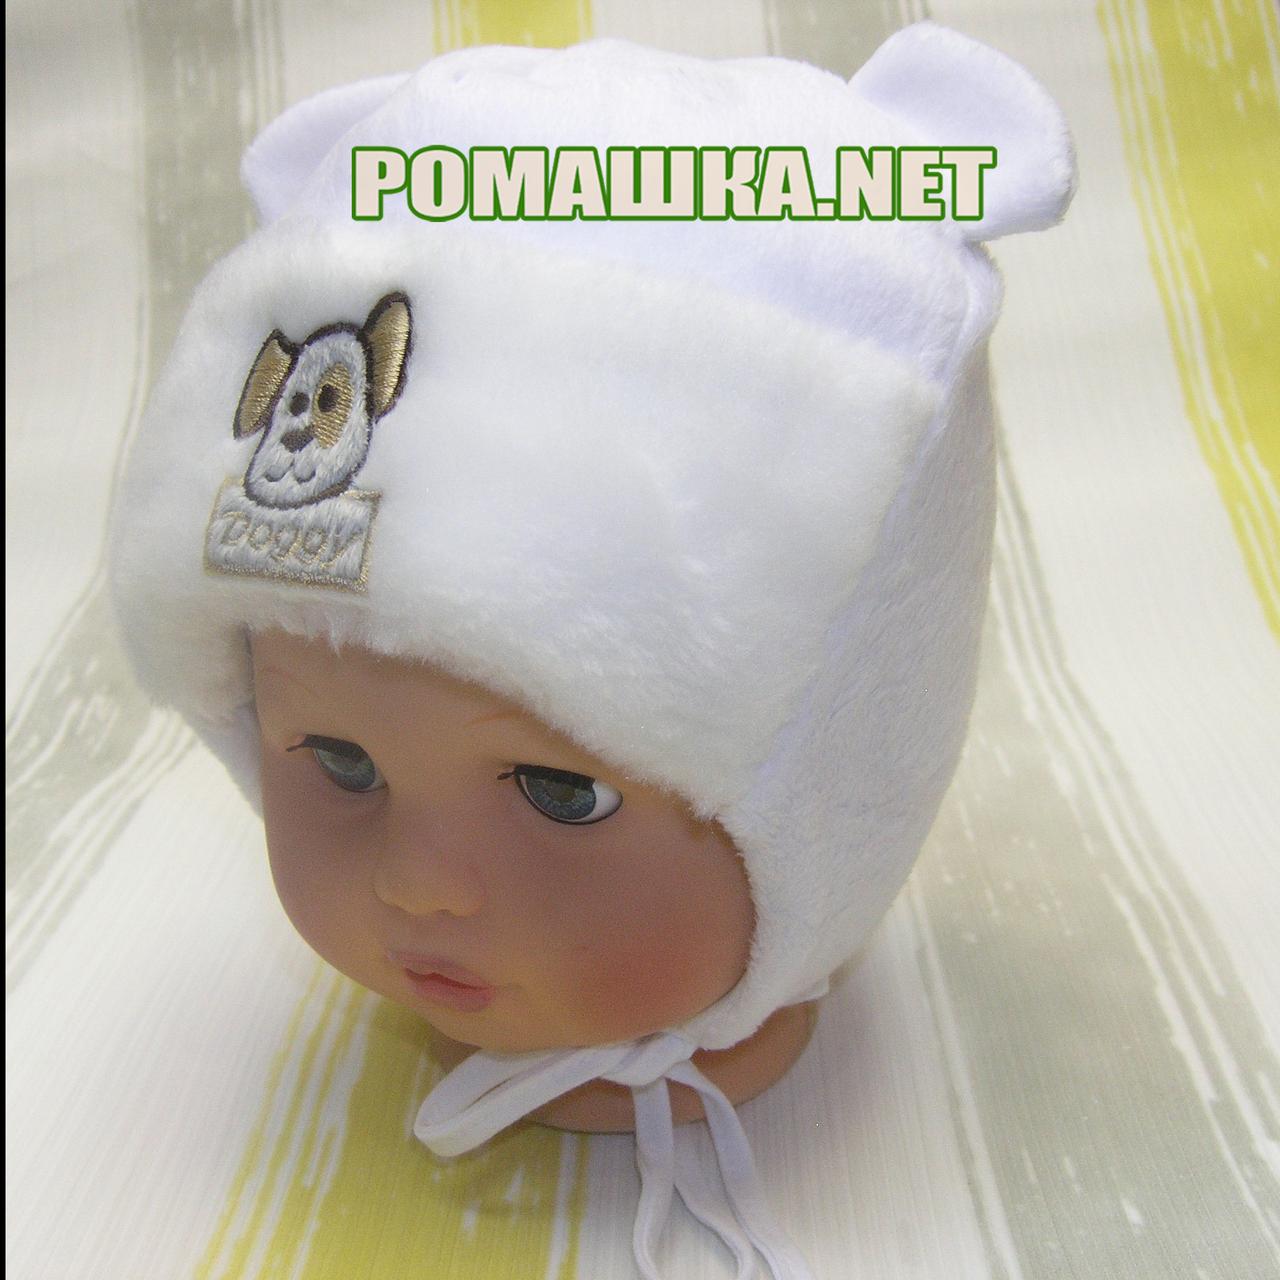 Детская зимняя термо шапочка на завязках р. 42 для новорожденного ТМ Мамина  мода 3206 Белый 8e58102d3631d